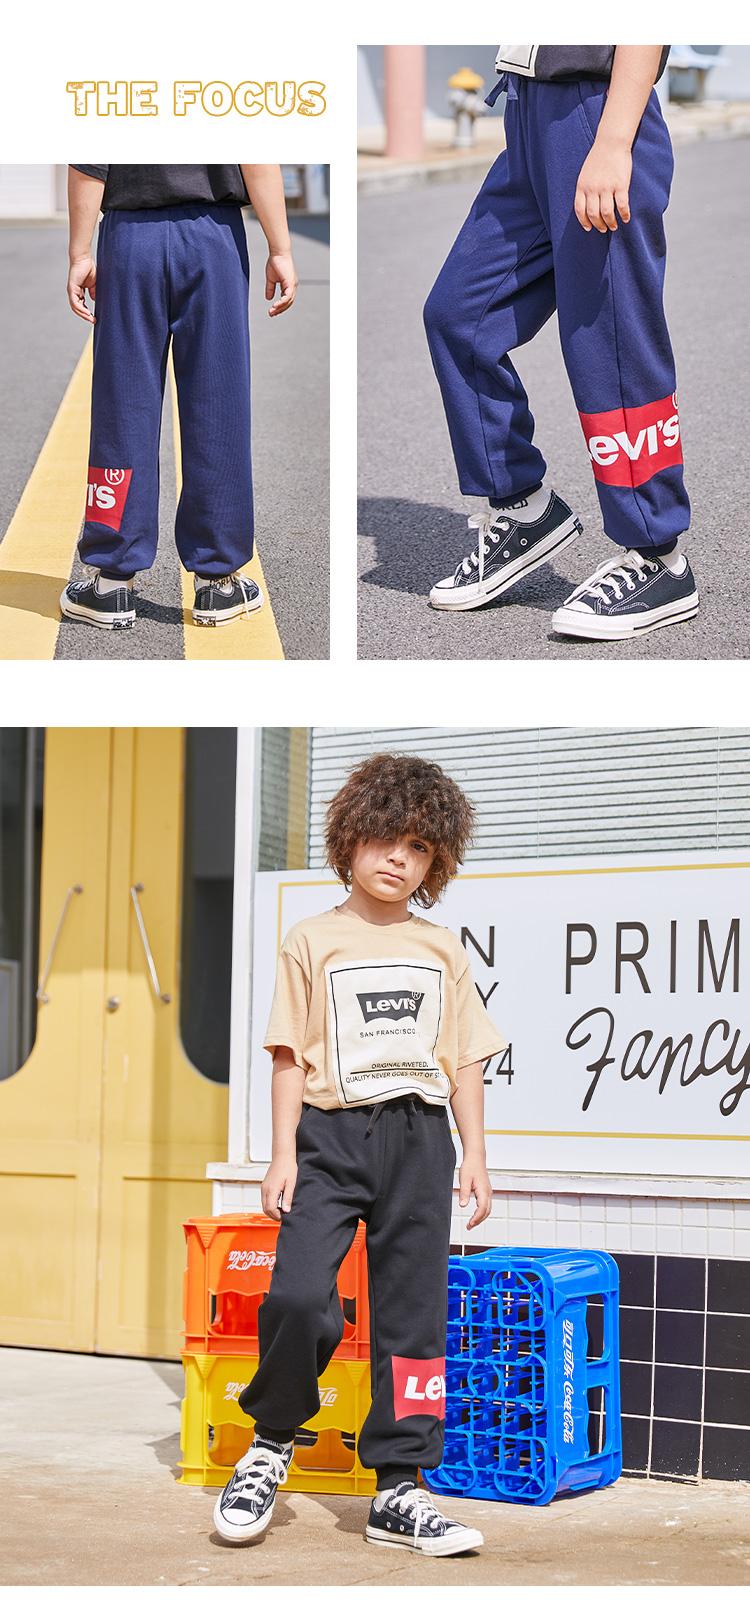 李维斯 儿童 100%纯棉 针织长裤 运动休闲裤 图6